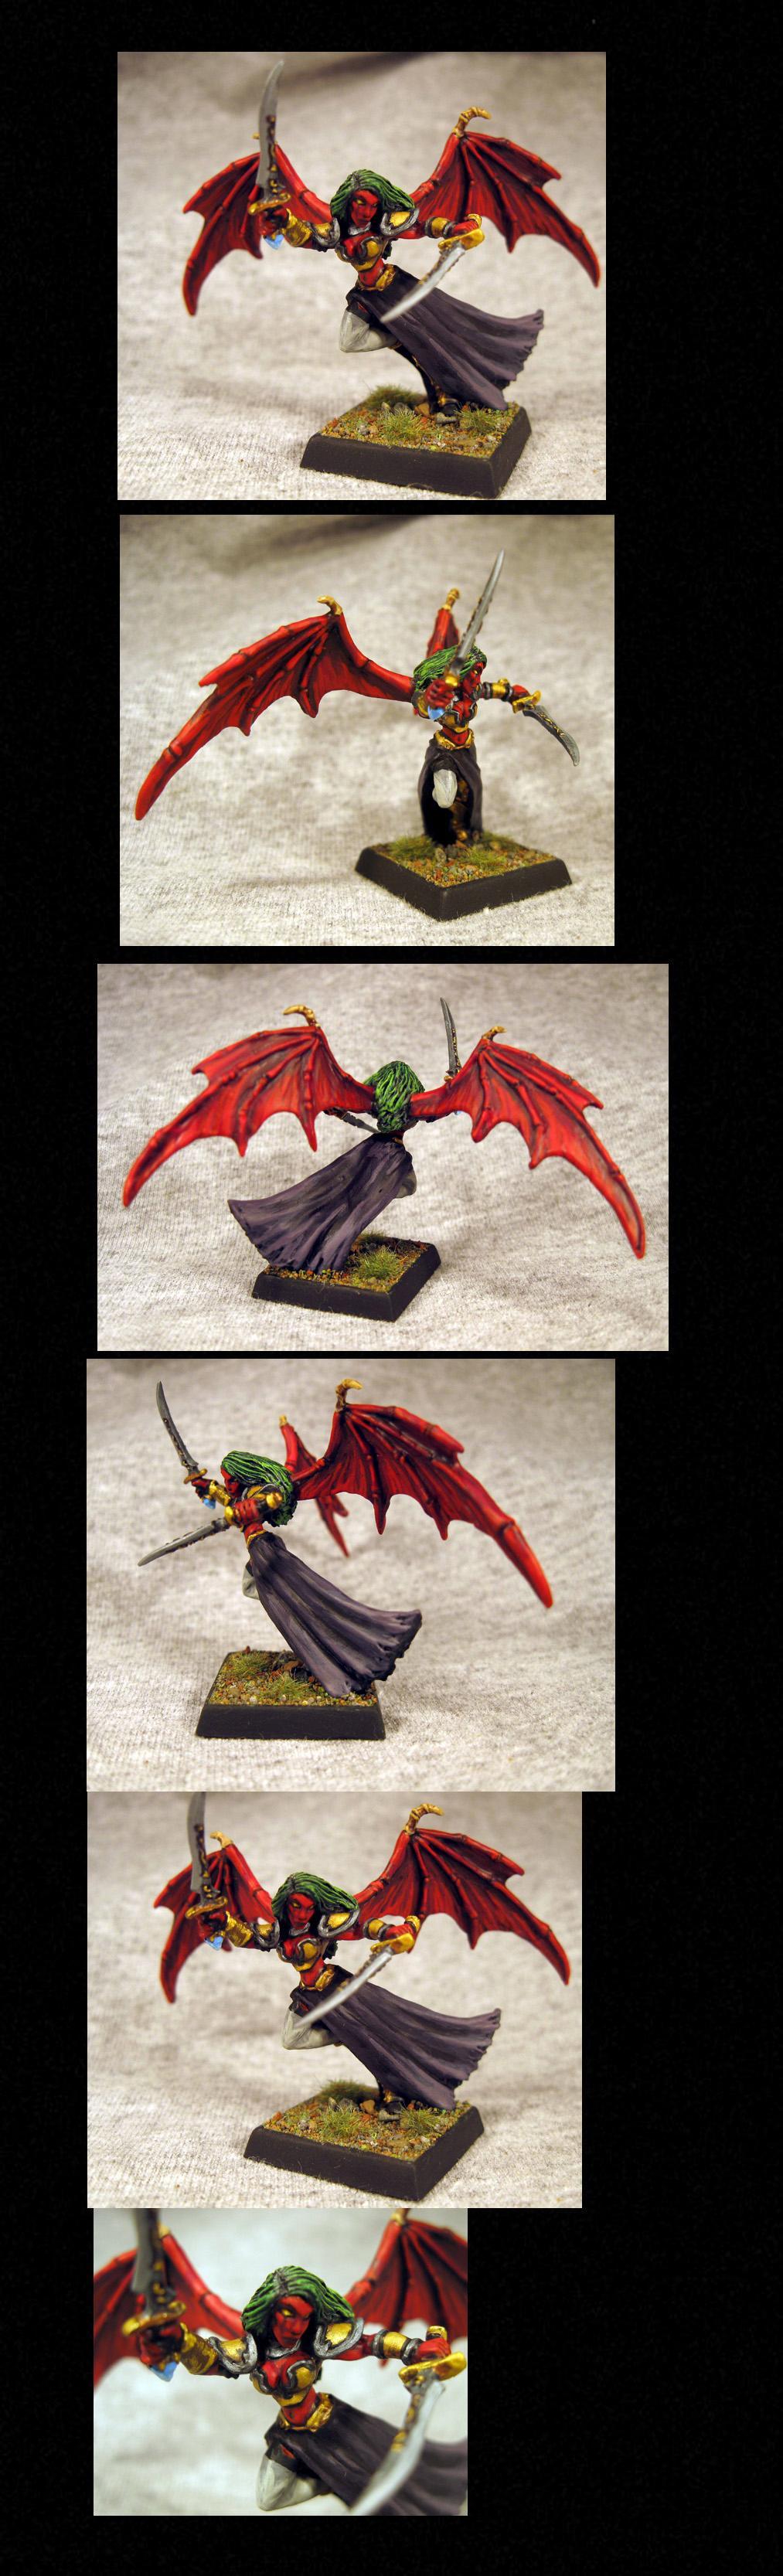 Daemons, Pathfinders, Pro Painted, Reaper, Reaper Miniatures, Reaper Minis, Rpg, Succubus, Warhammer Fantasy